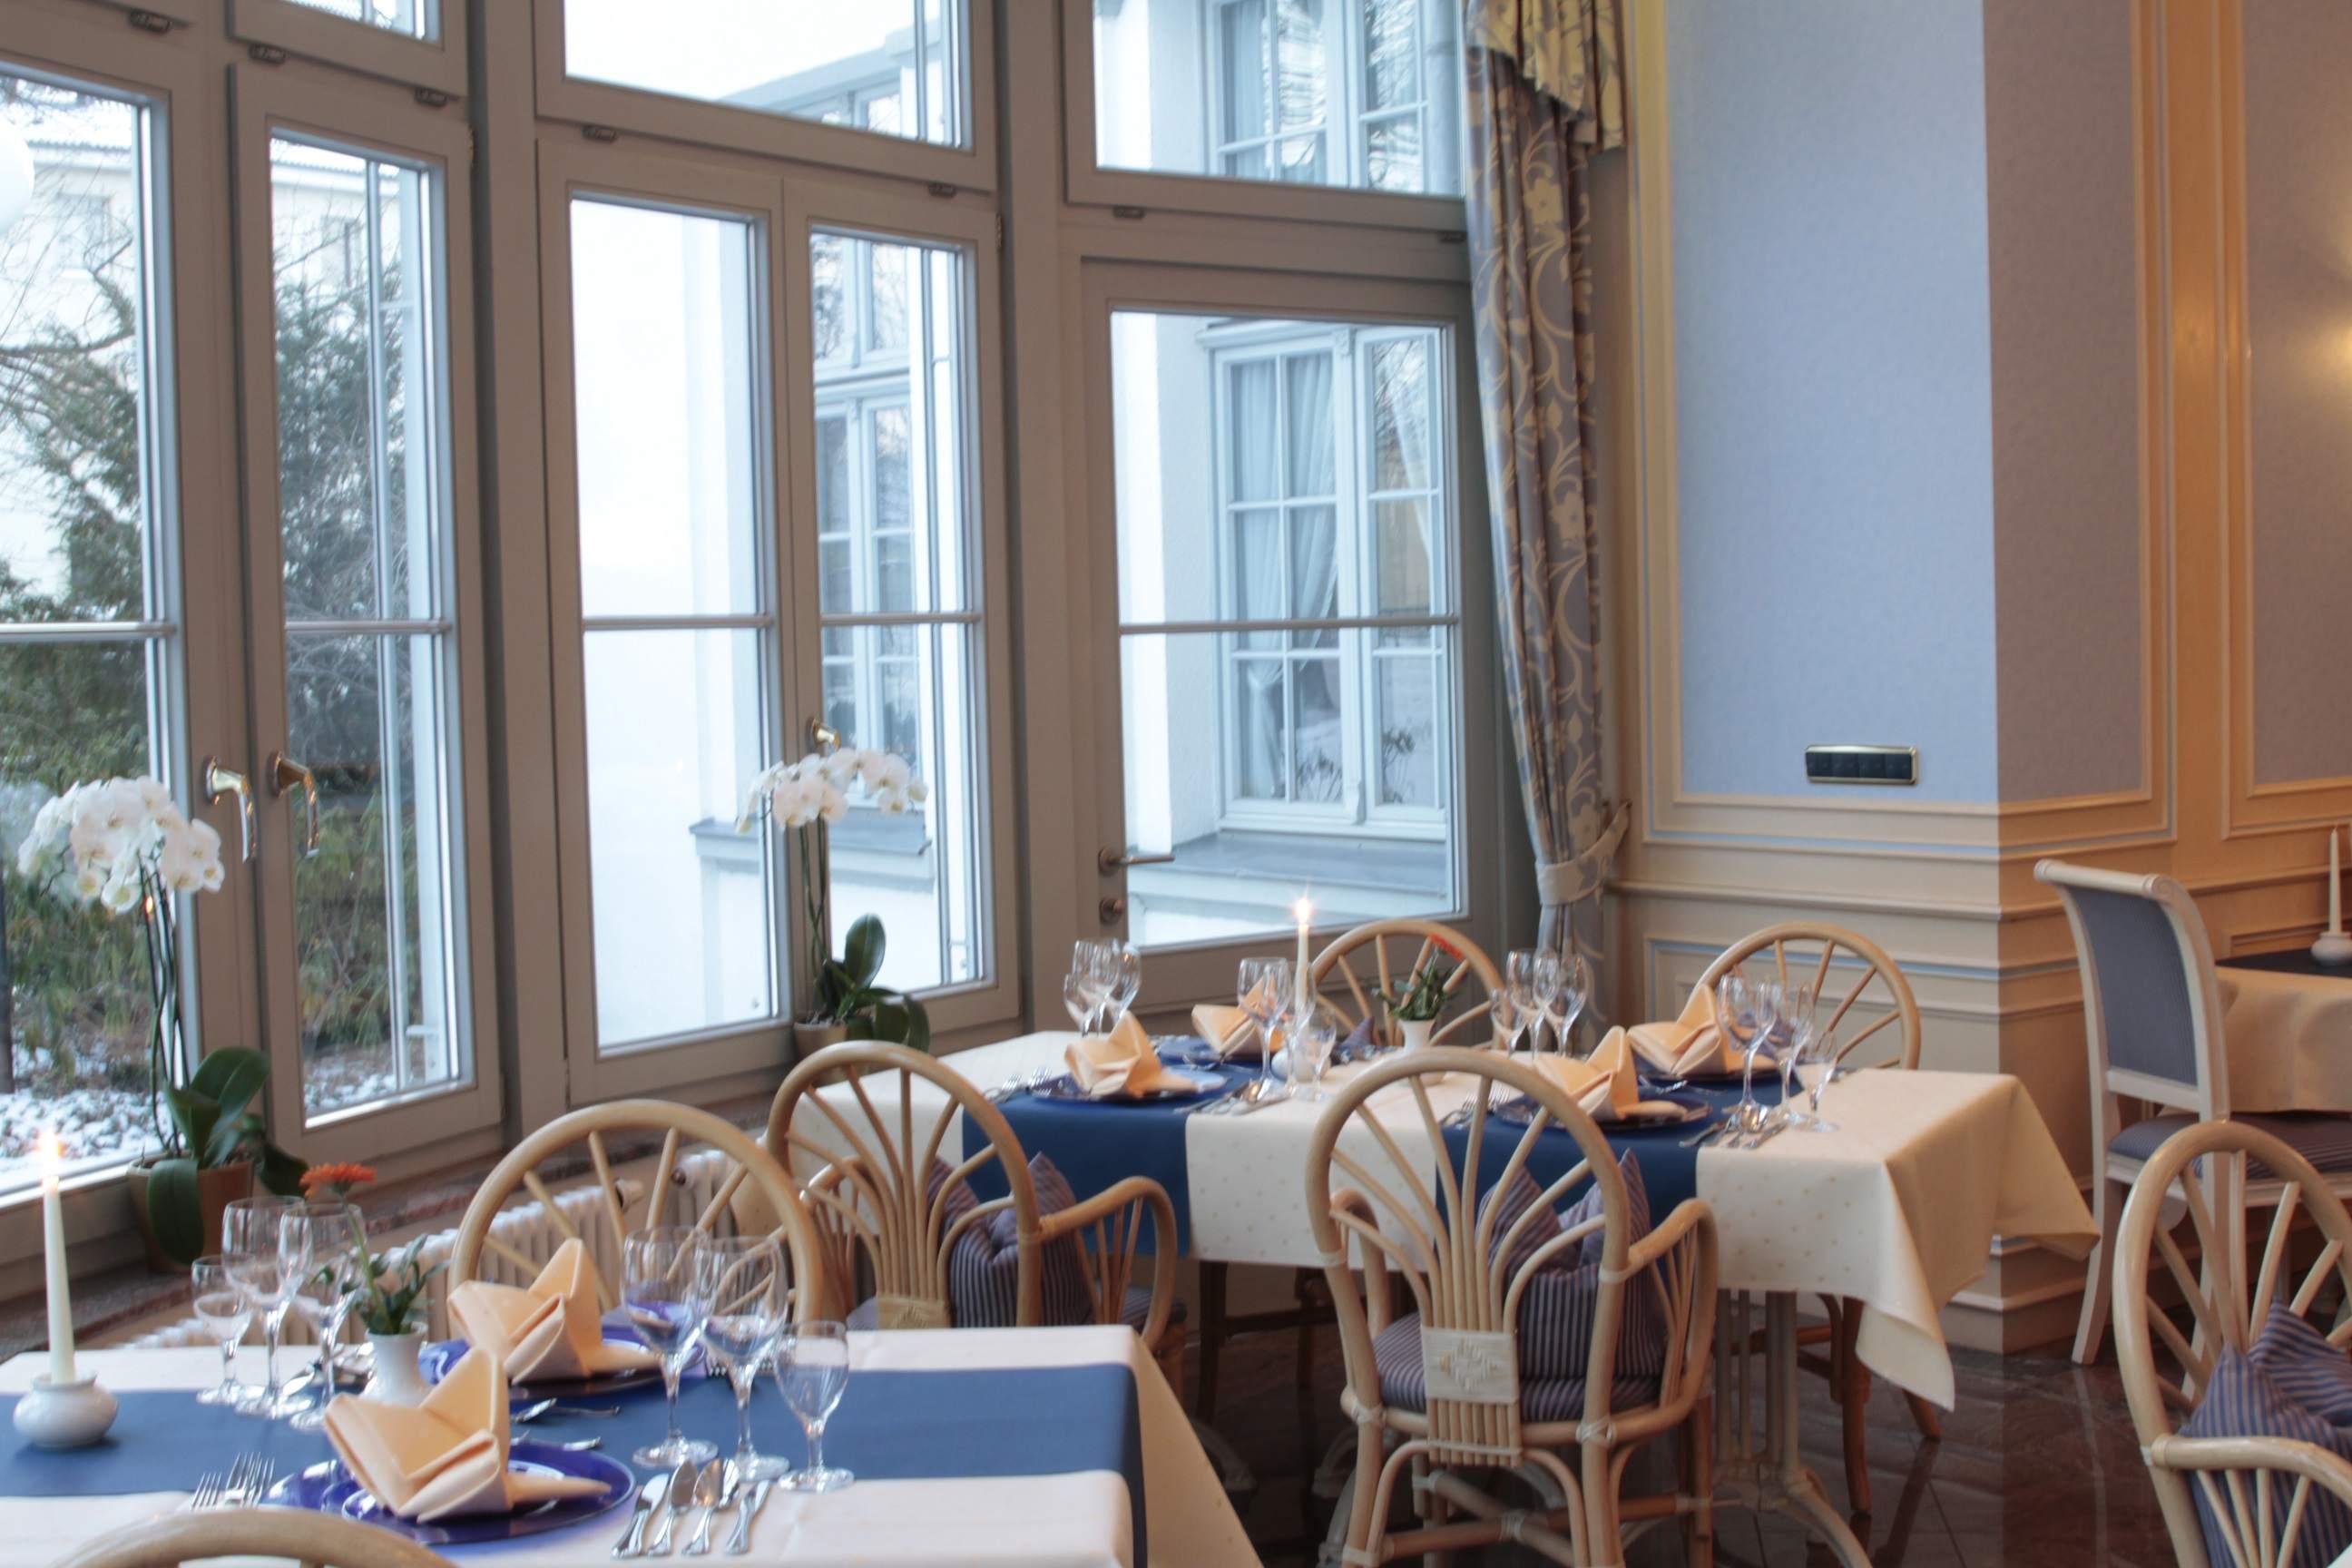 Hotel Villa Heine in Halberstadt - Wintergarten